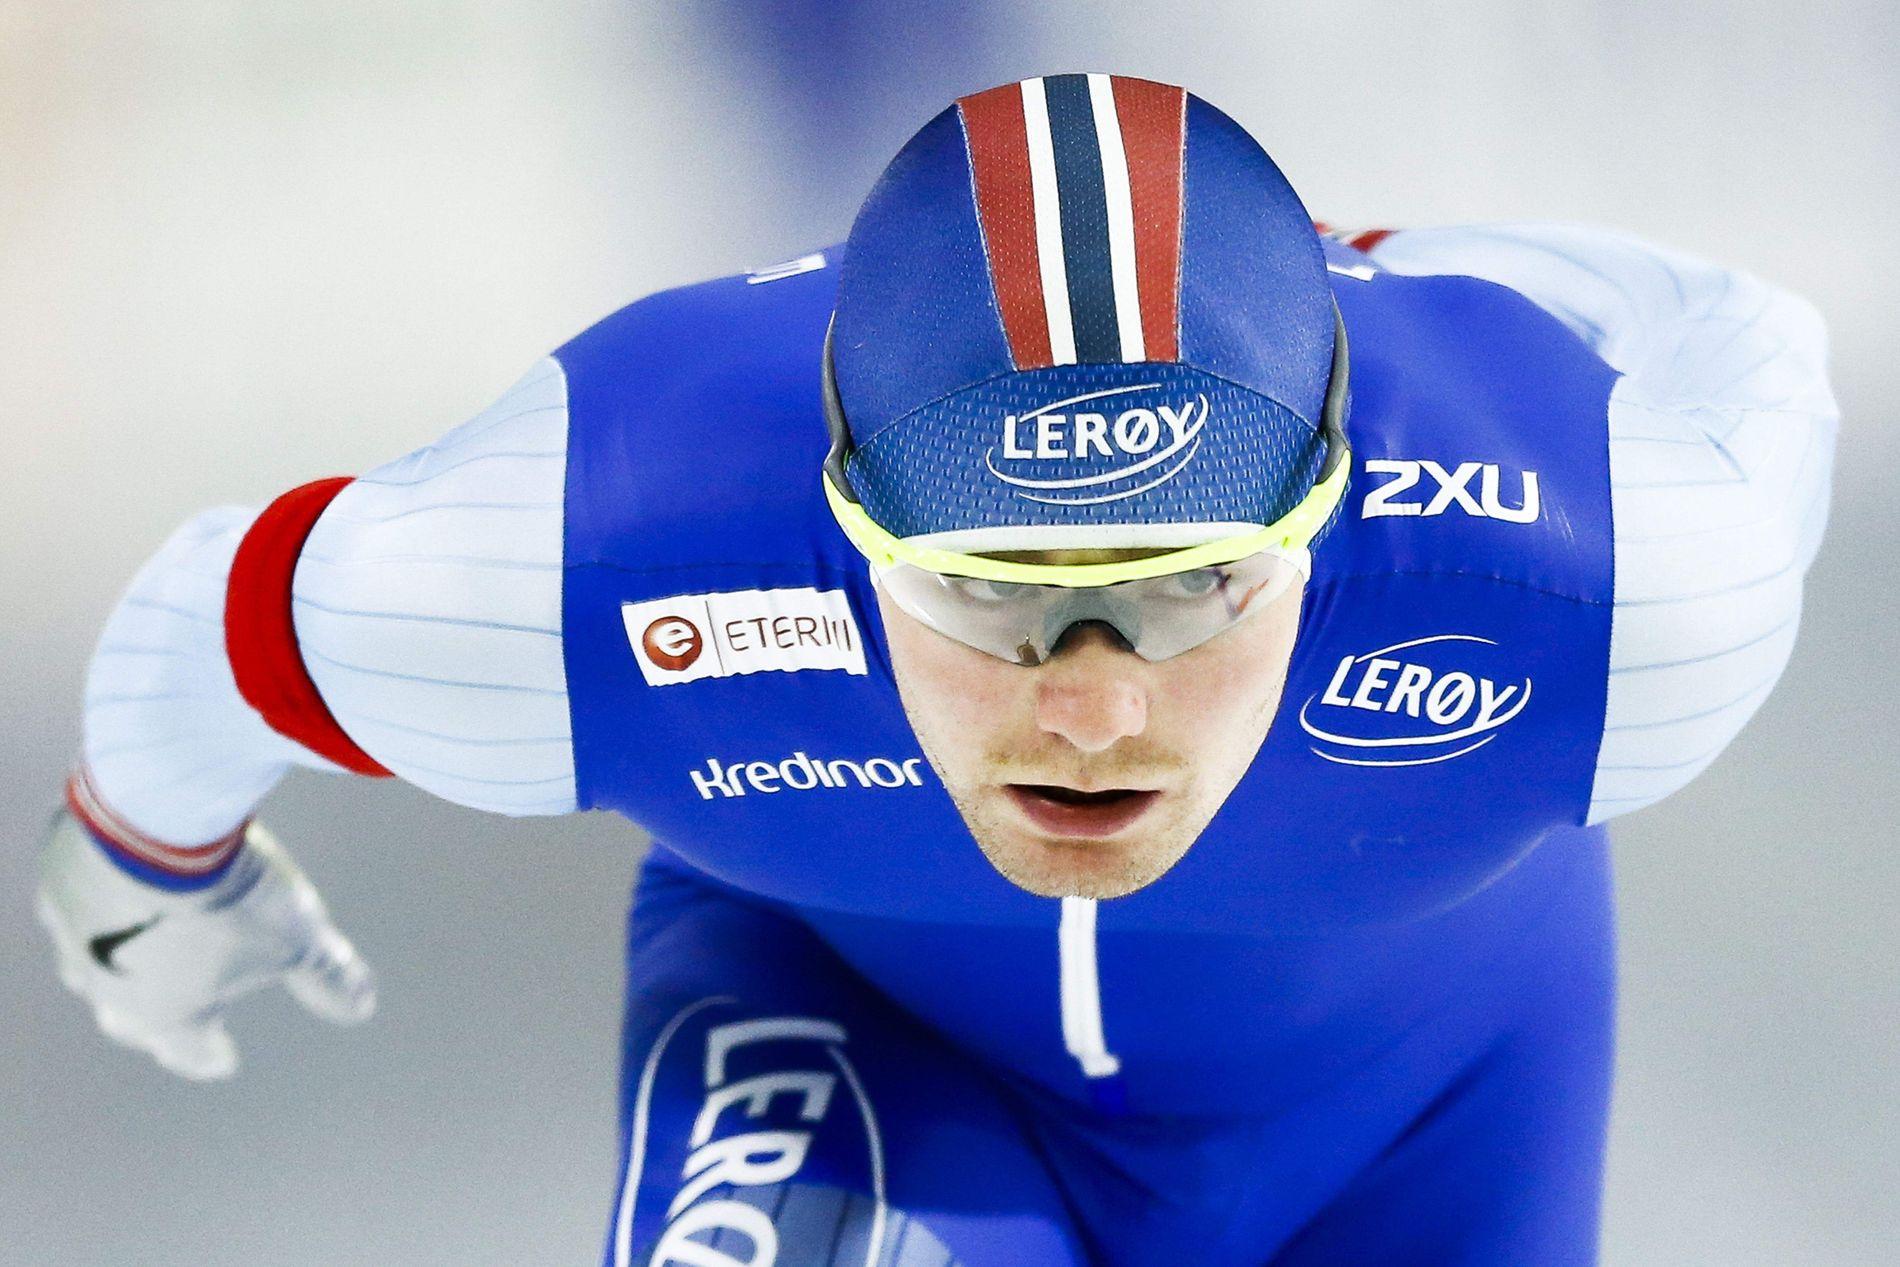 ALDRI PÅ PALLEN: Sverre Lunde Pedersen (26) har en rekke fjerdeplasser og har aldri vært dårligere enn nummer fem i allround-EM. Her fra 5000-meteren i Heerenveen før jul, der han kom på 4. plass bak Danila Semerikov, Patrick Roest og Sven Kramer.